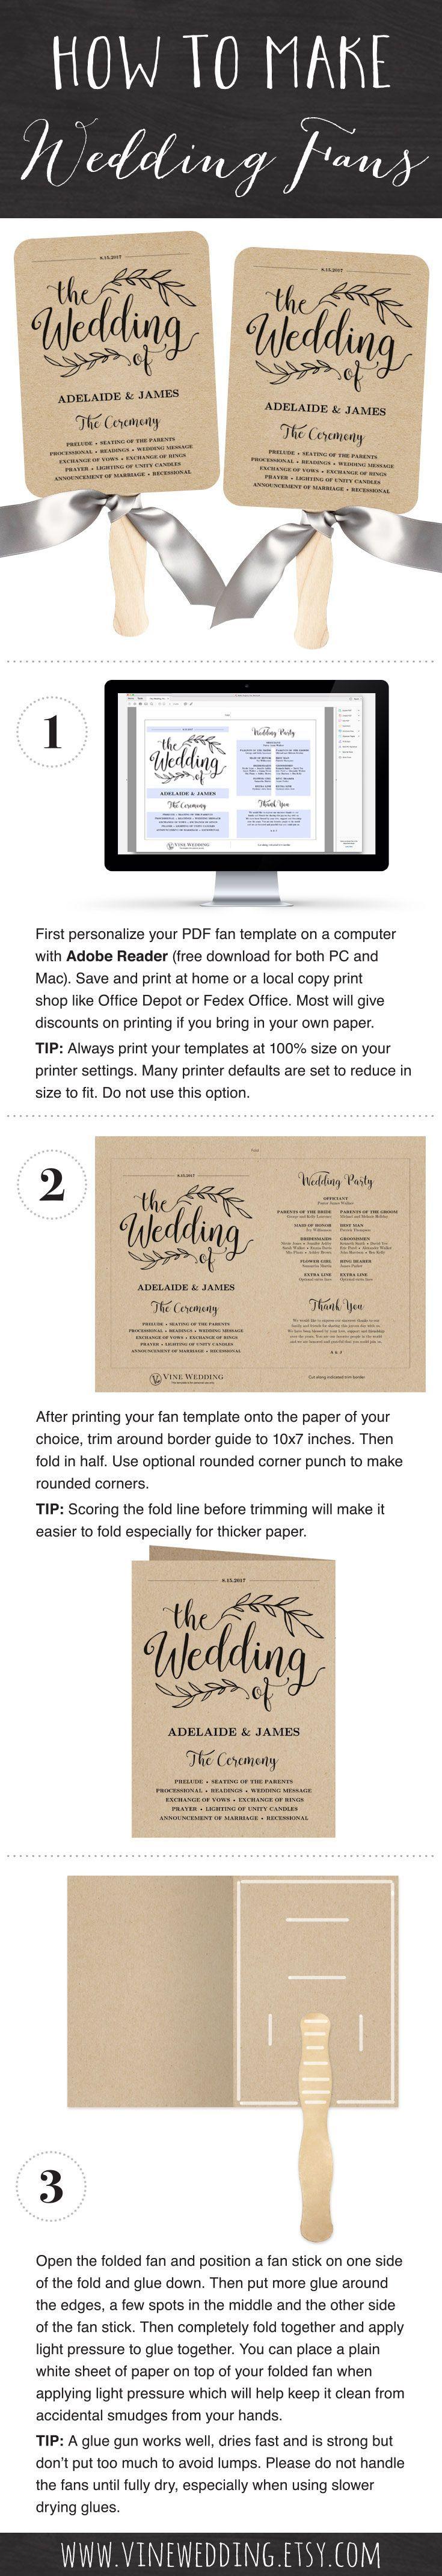 Printable Wedding Fan Program Template Diy Kraft Paper Wedding Fan